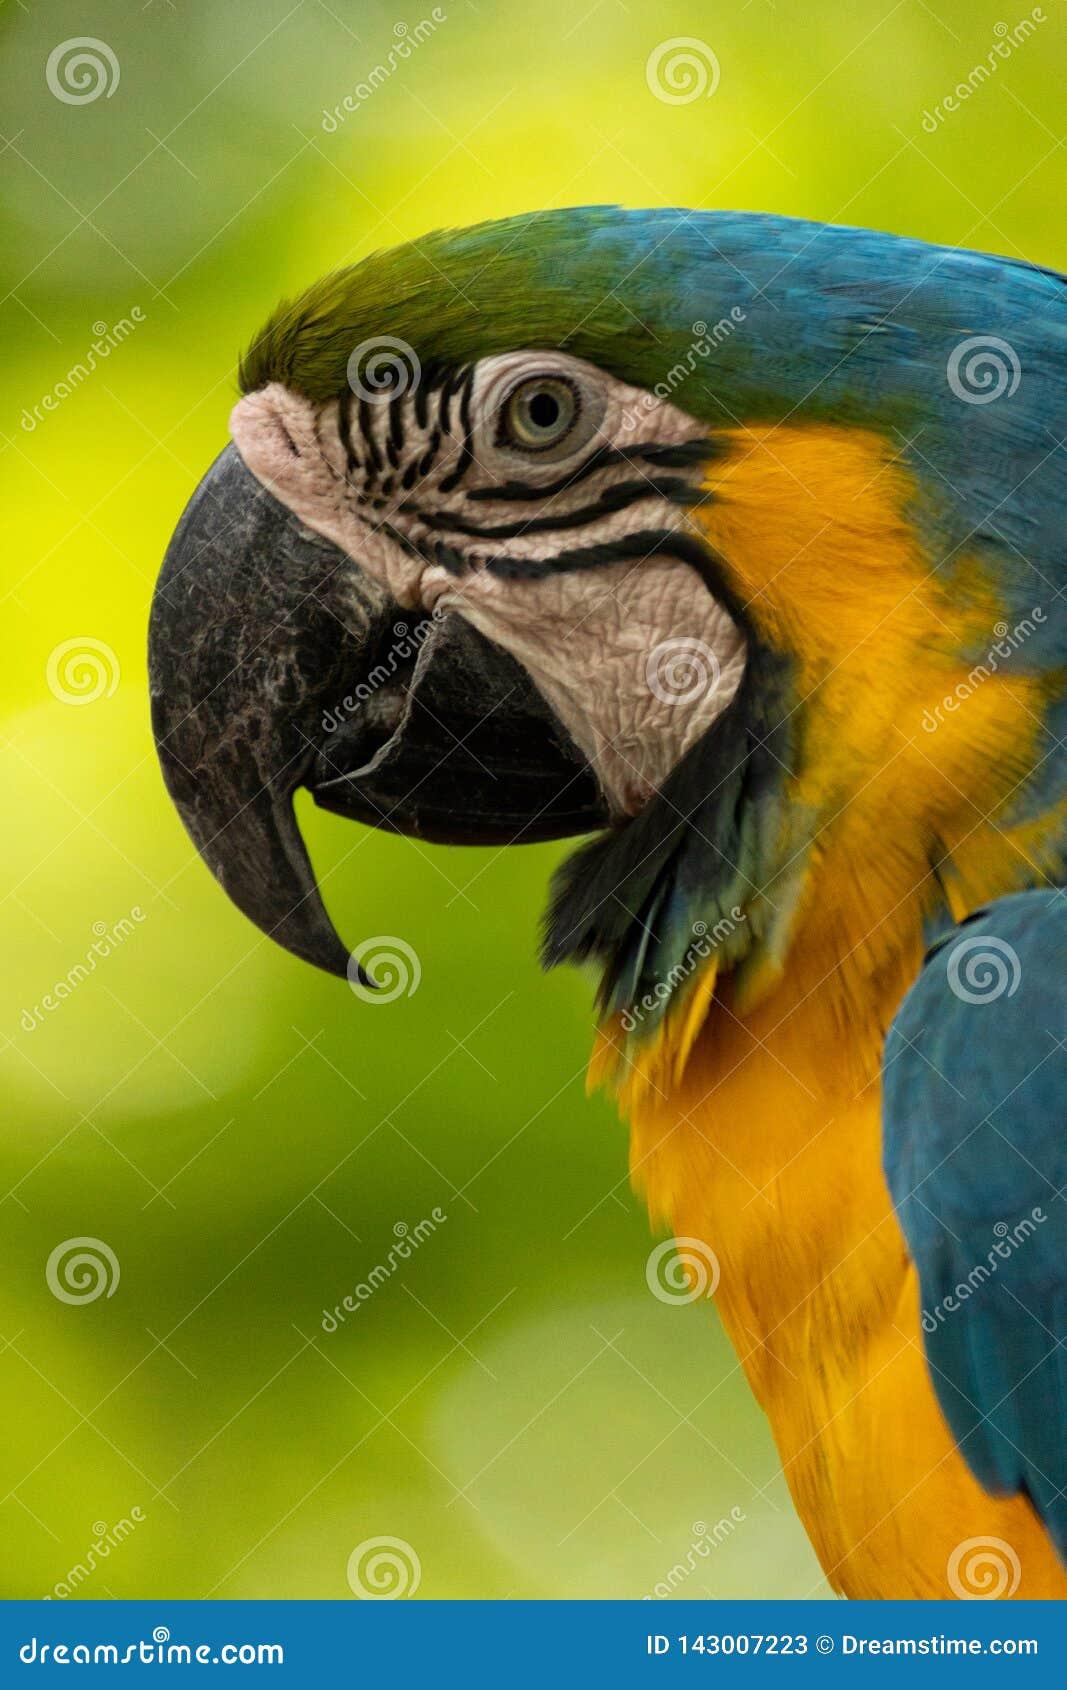 Nahes hohes Porträt des schönem und colorfull Keilschwanzsittichs